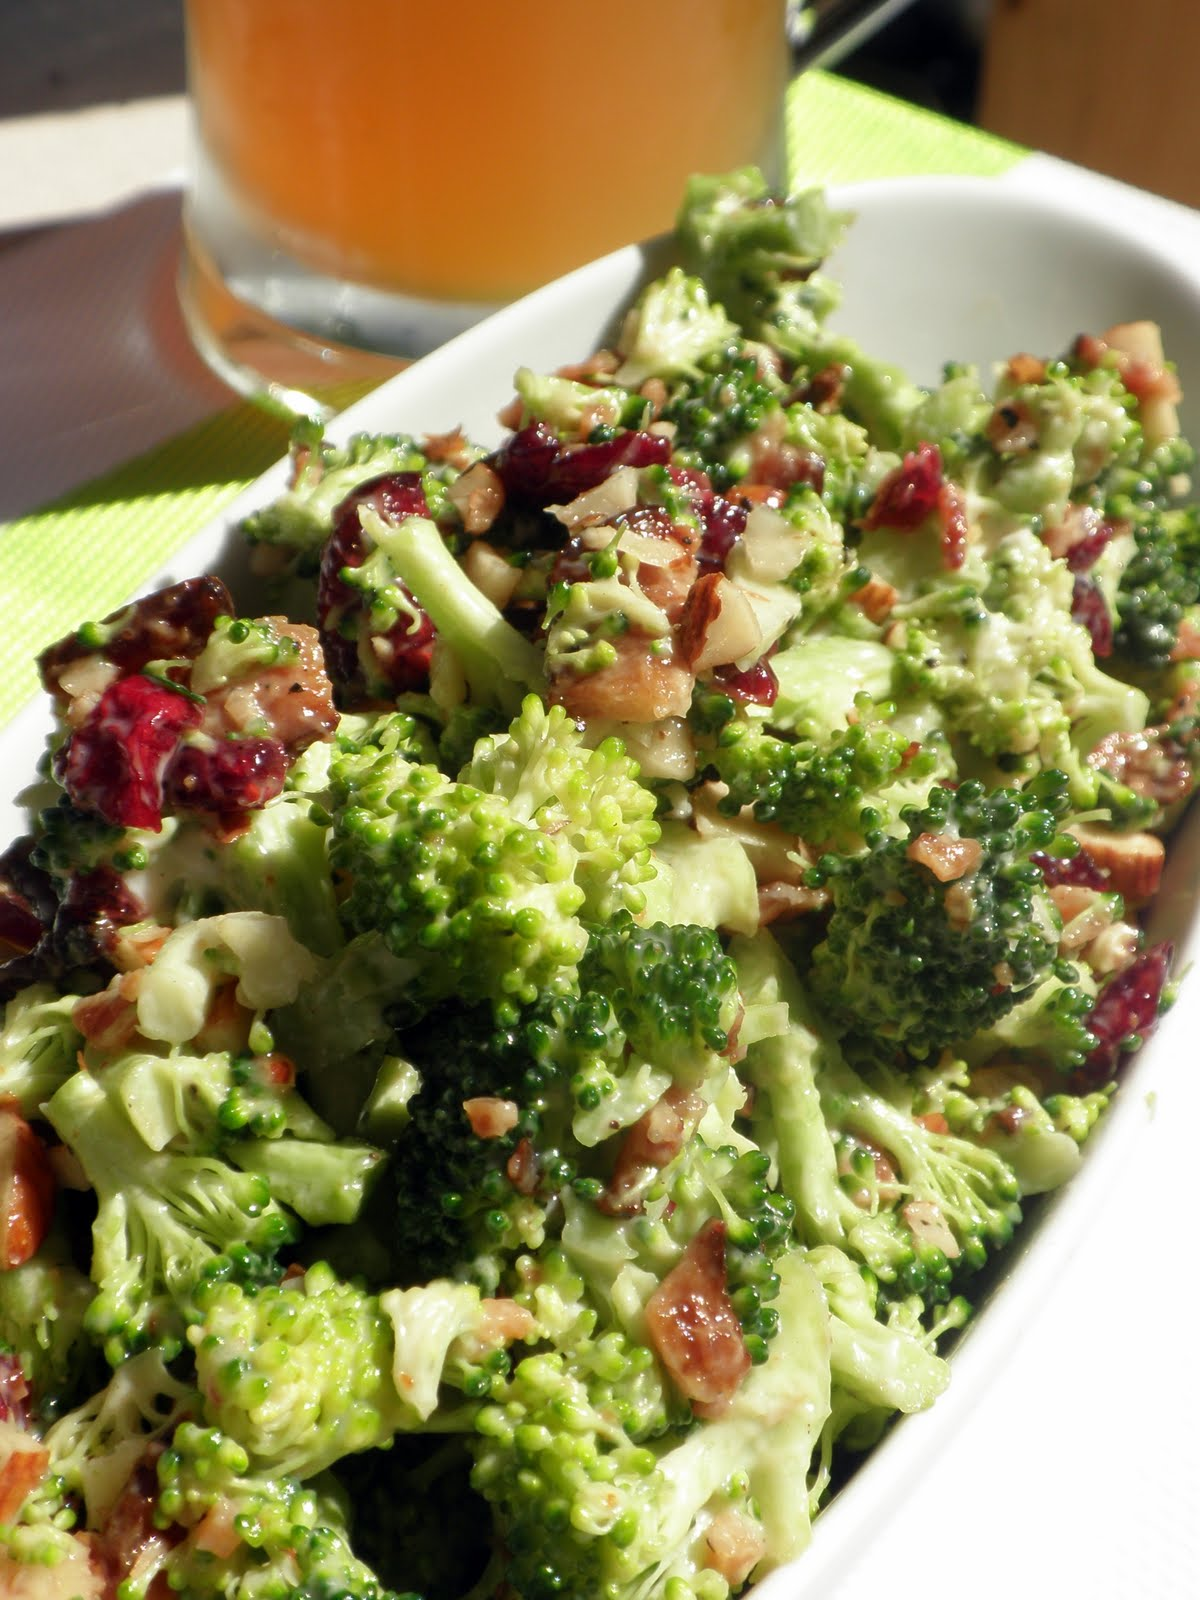 Le march de sophie salade de brocoli canneberges et amandes for Eliminer les vers des salades